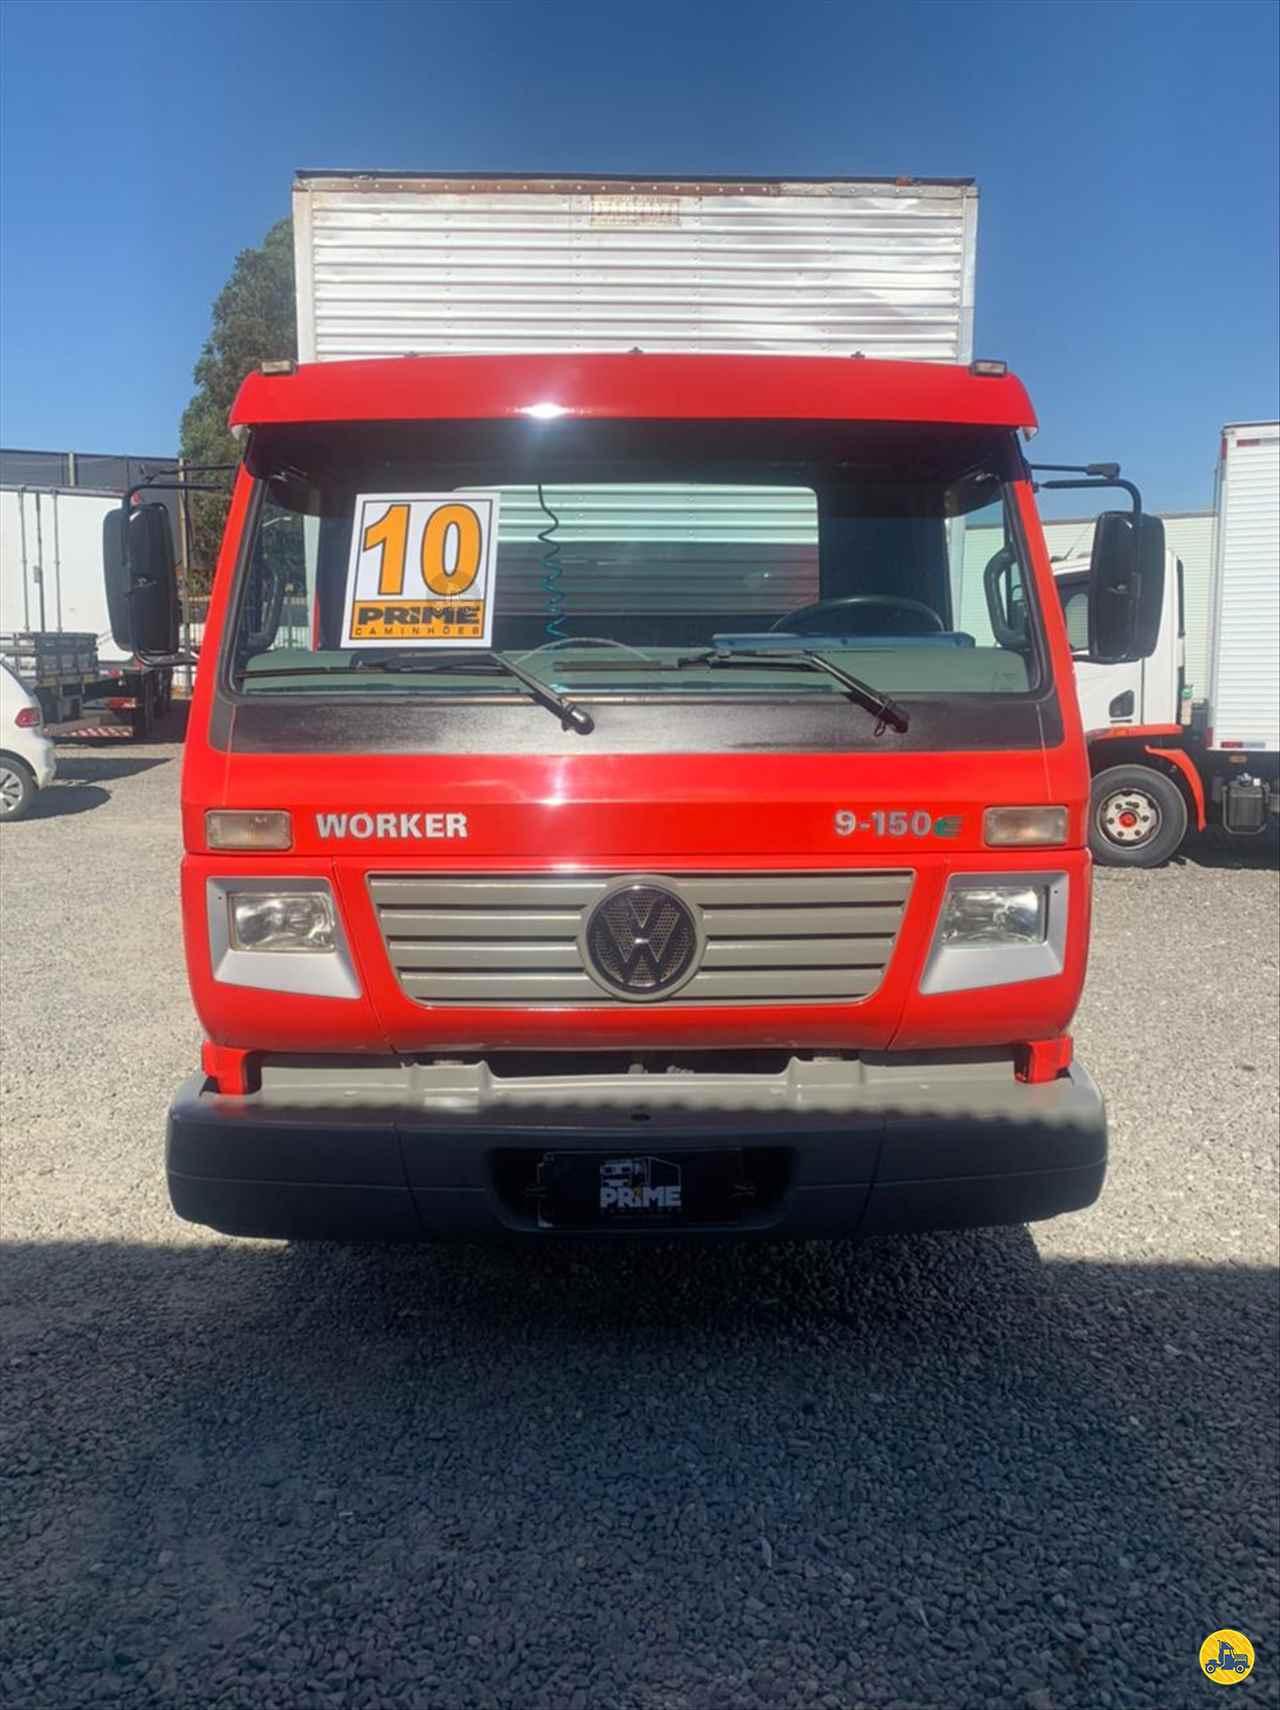 CAMINHAO VOLKSWAGEN VW 9150 Baú Furgão 3/4 4x2 Prime Caminhões GOIANIA GOIAS GO